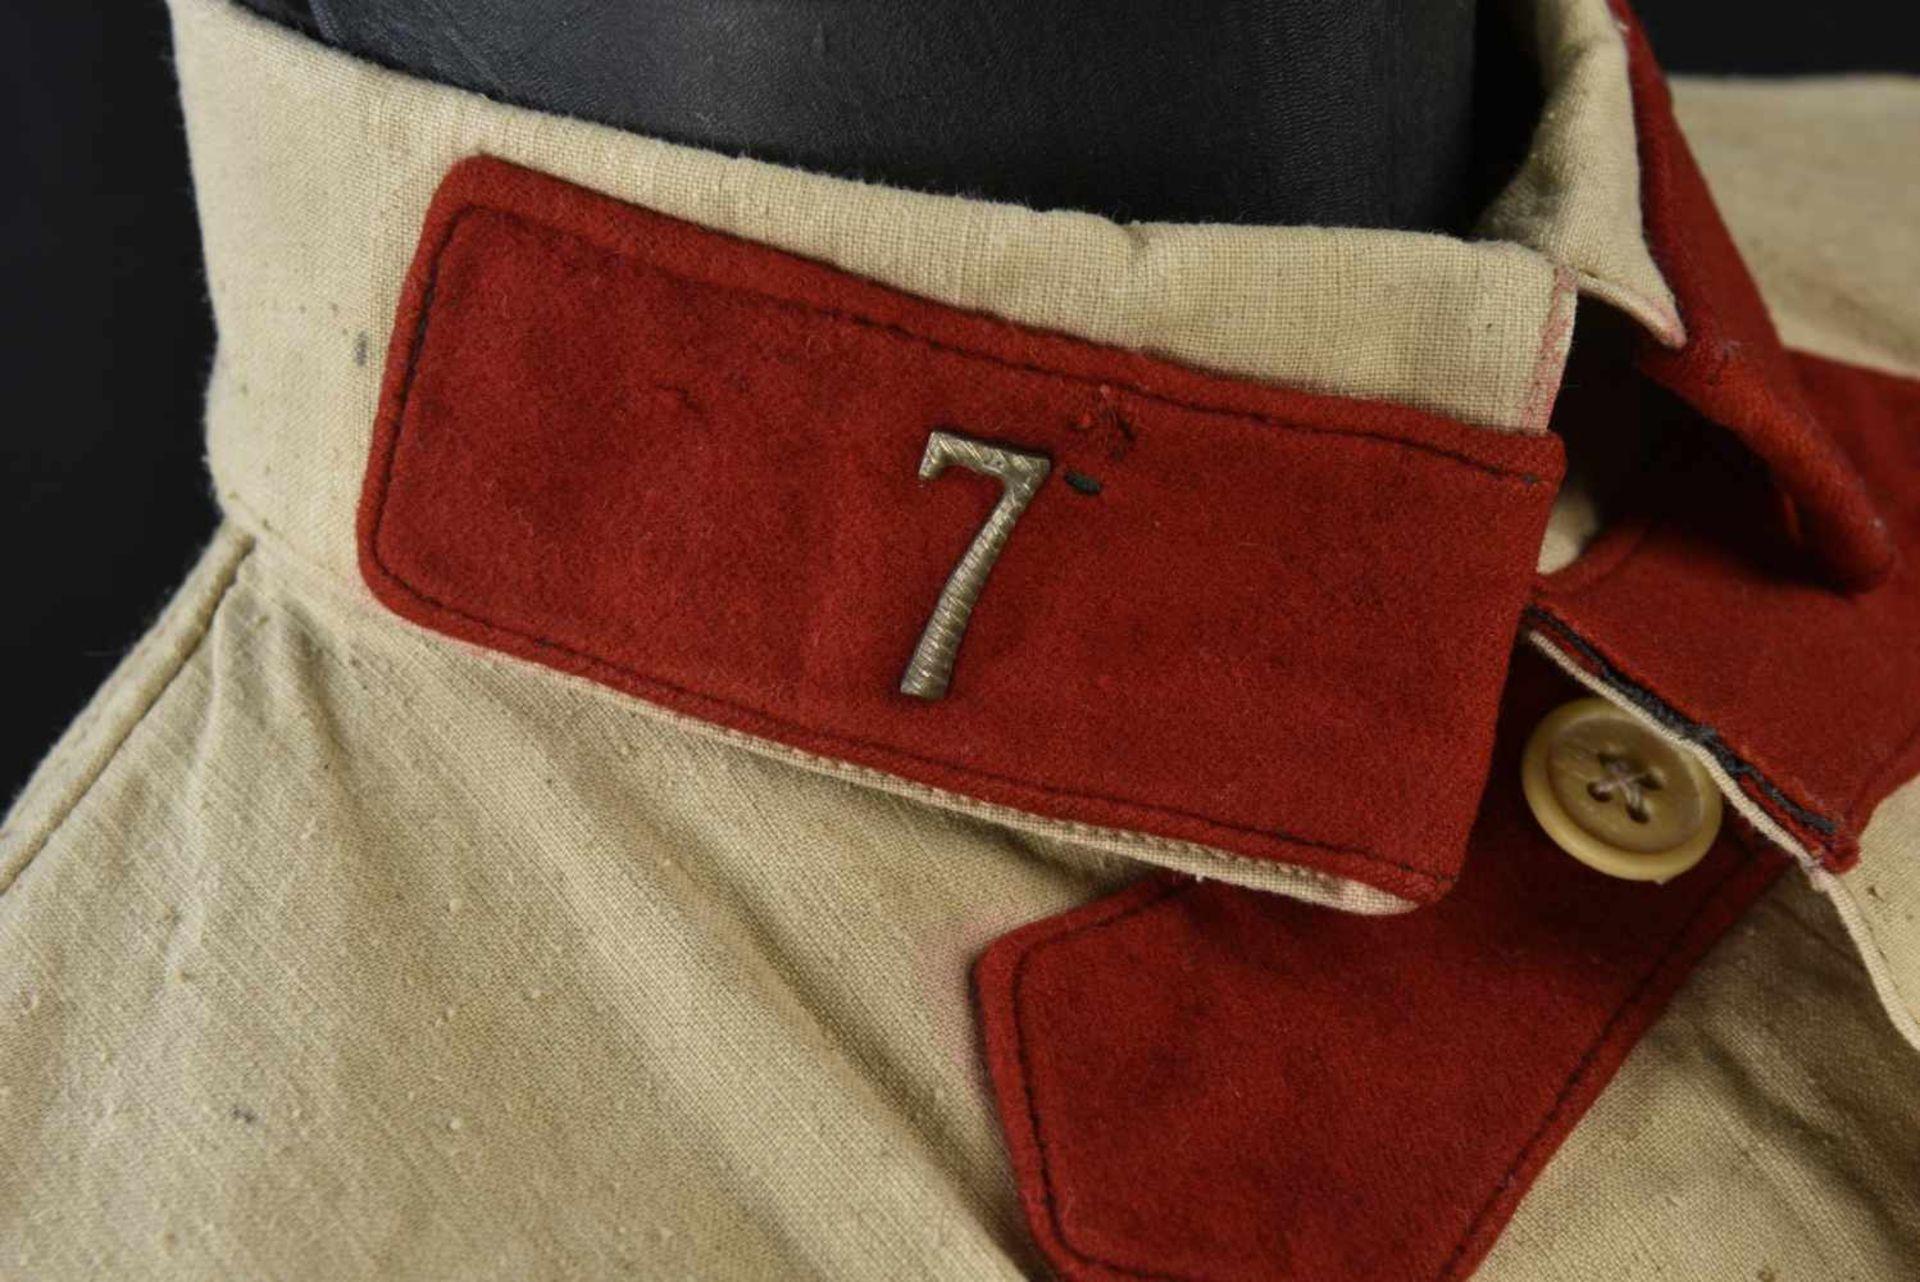 Gymnasterka M.22 de l'artillerie en grosse toile, avec ses pattes de col, parements de poitrine, - Bild 4 aus 4